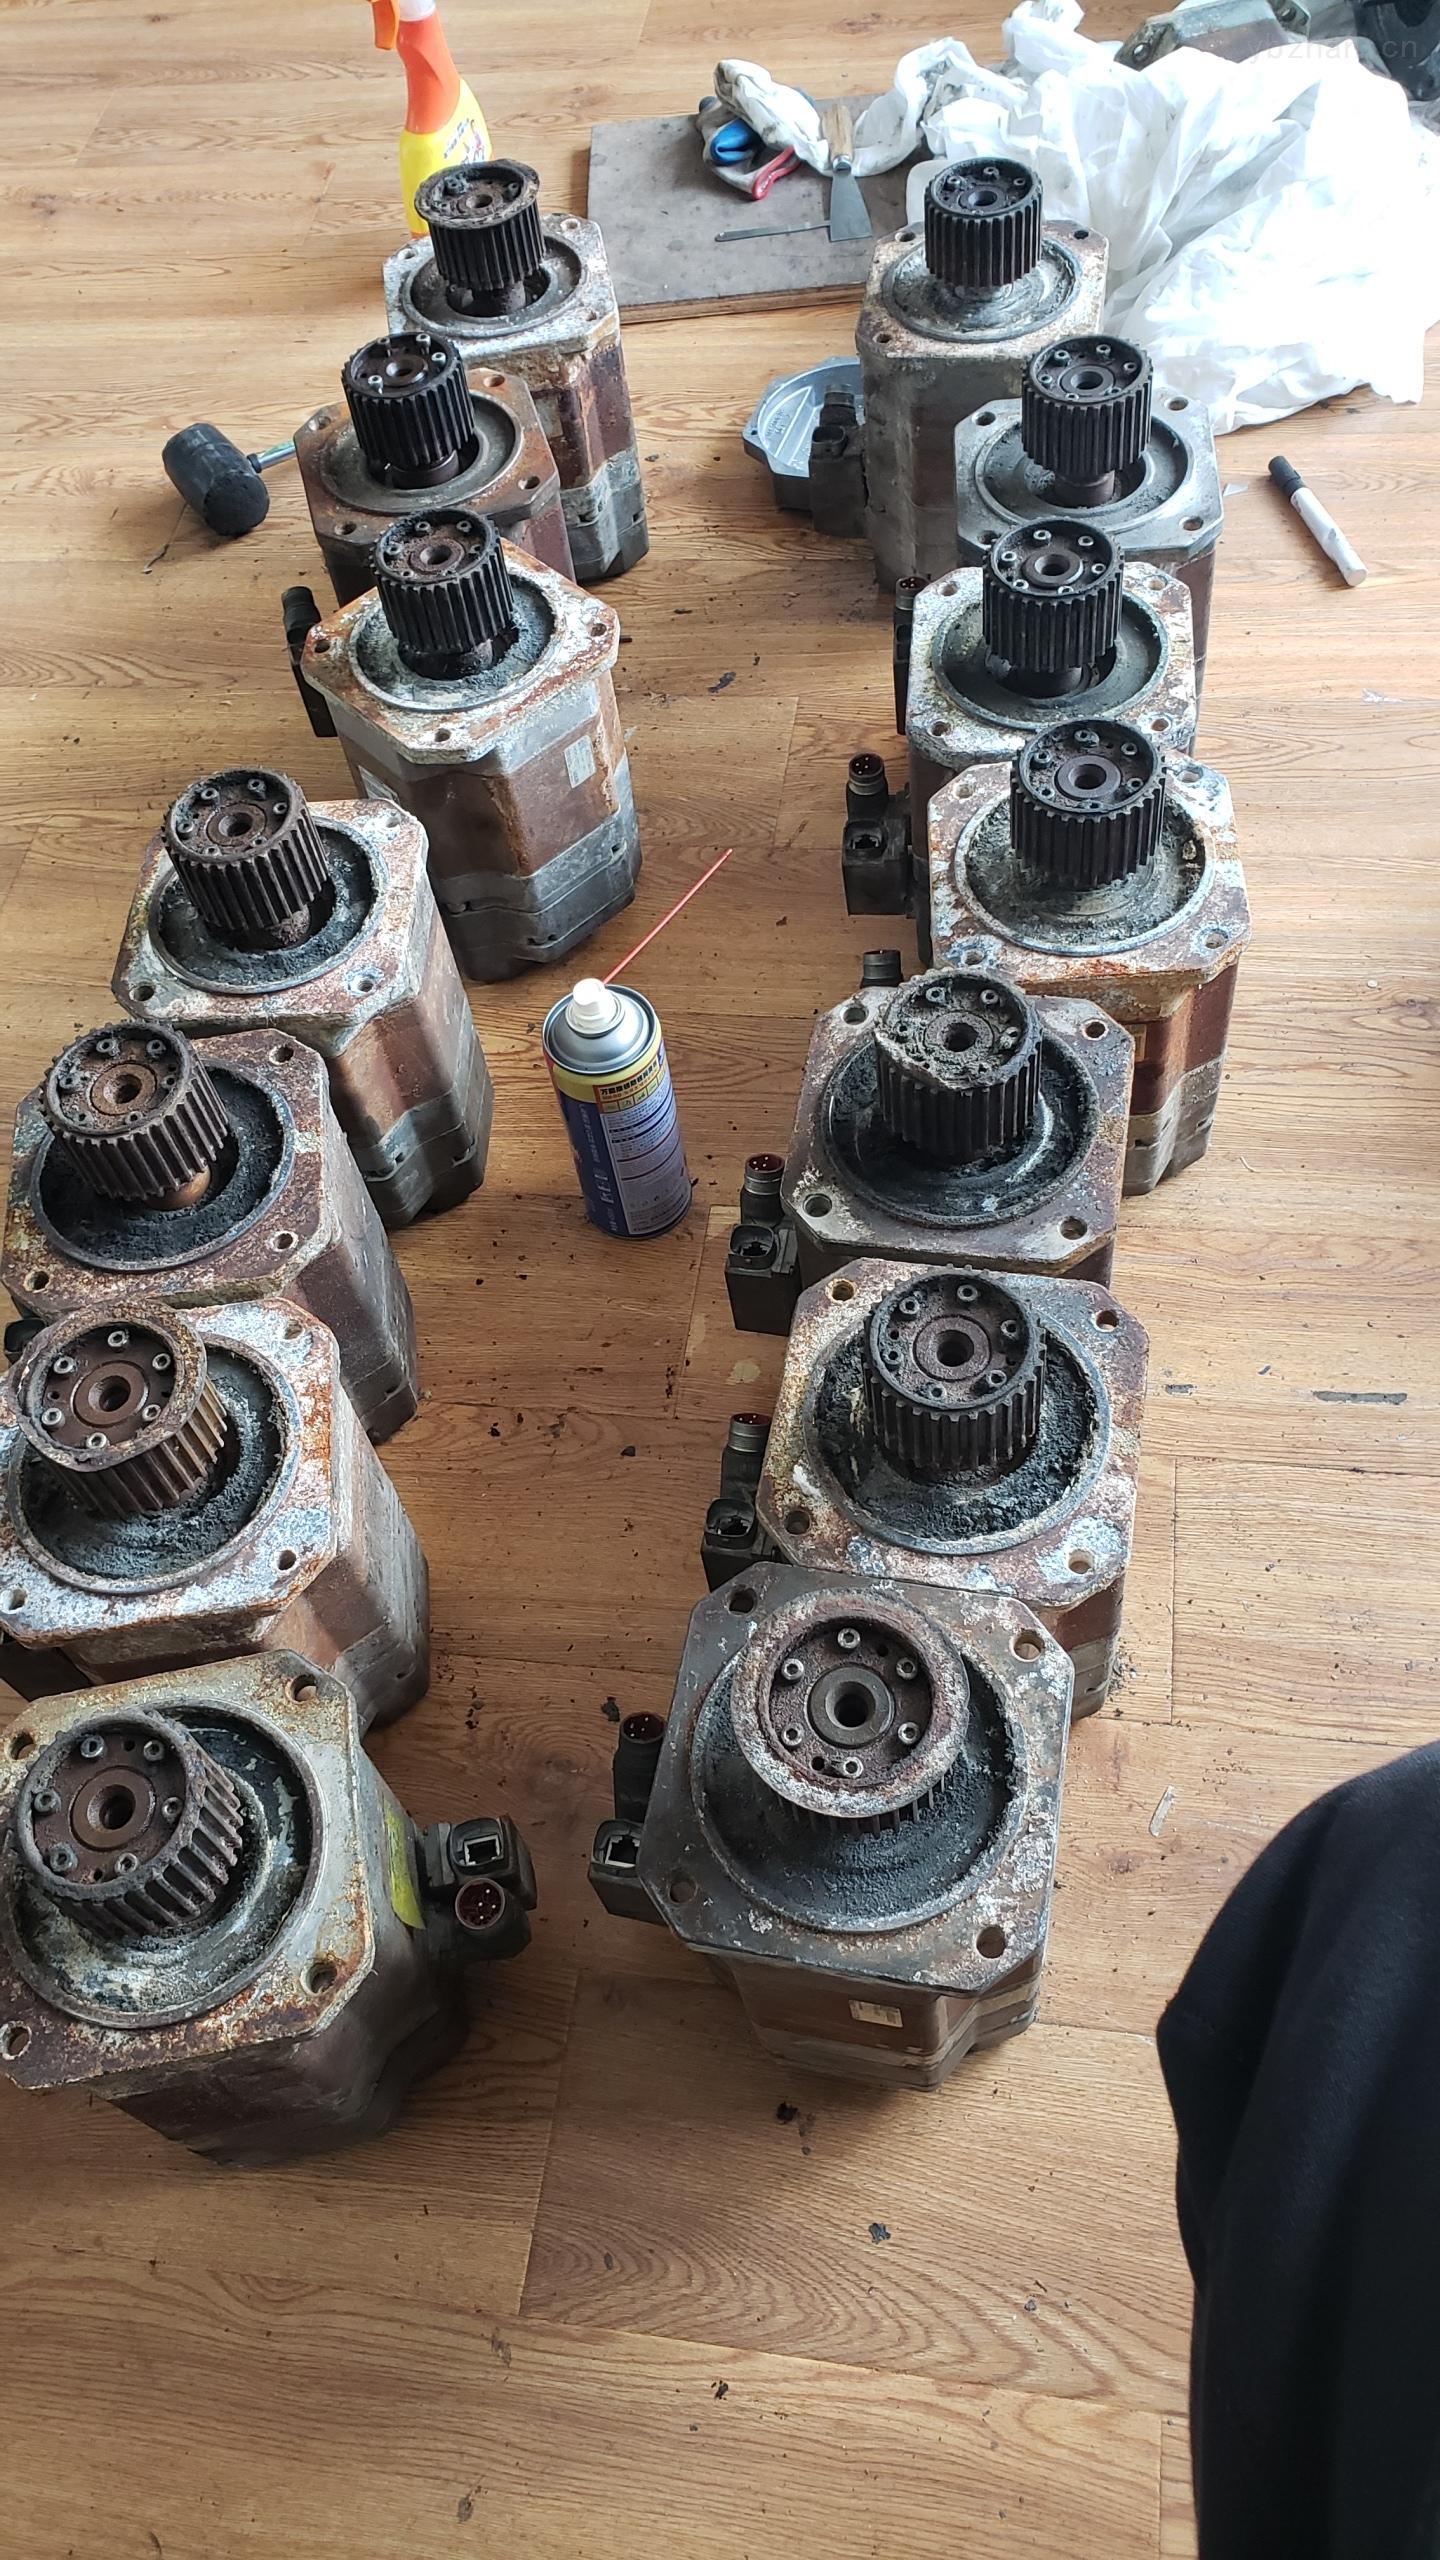 西门子电机抖动当天检测维修